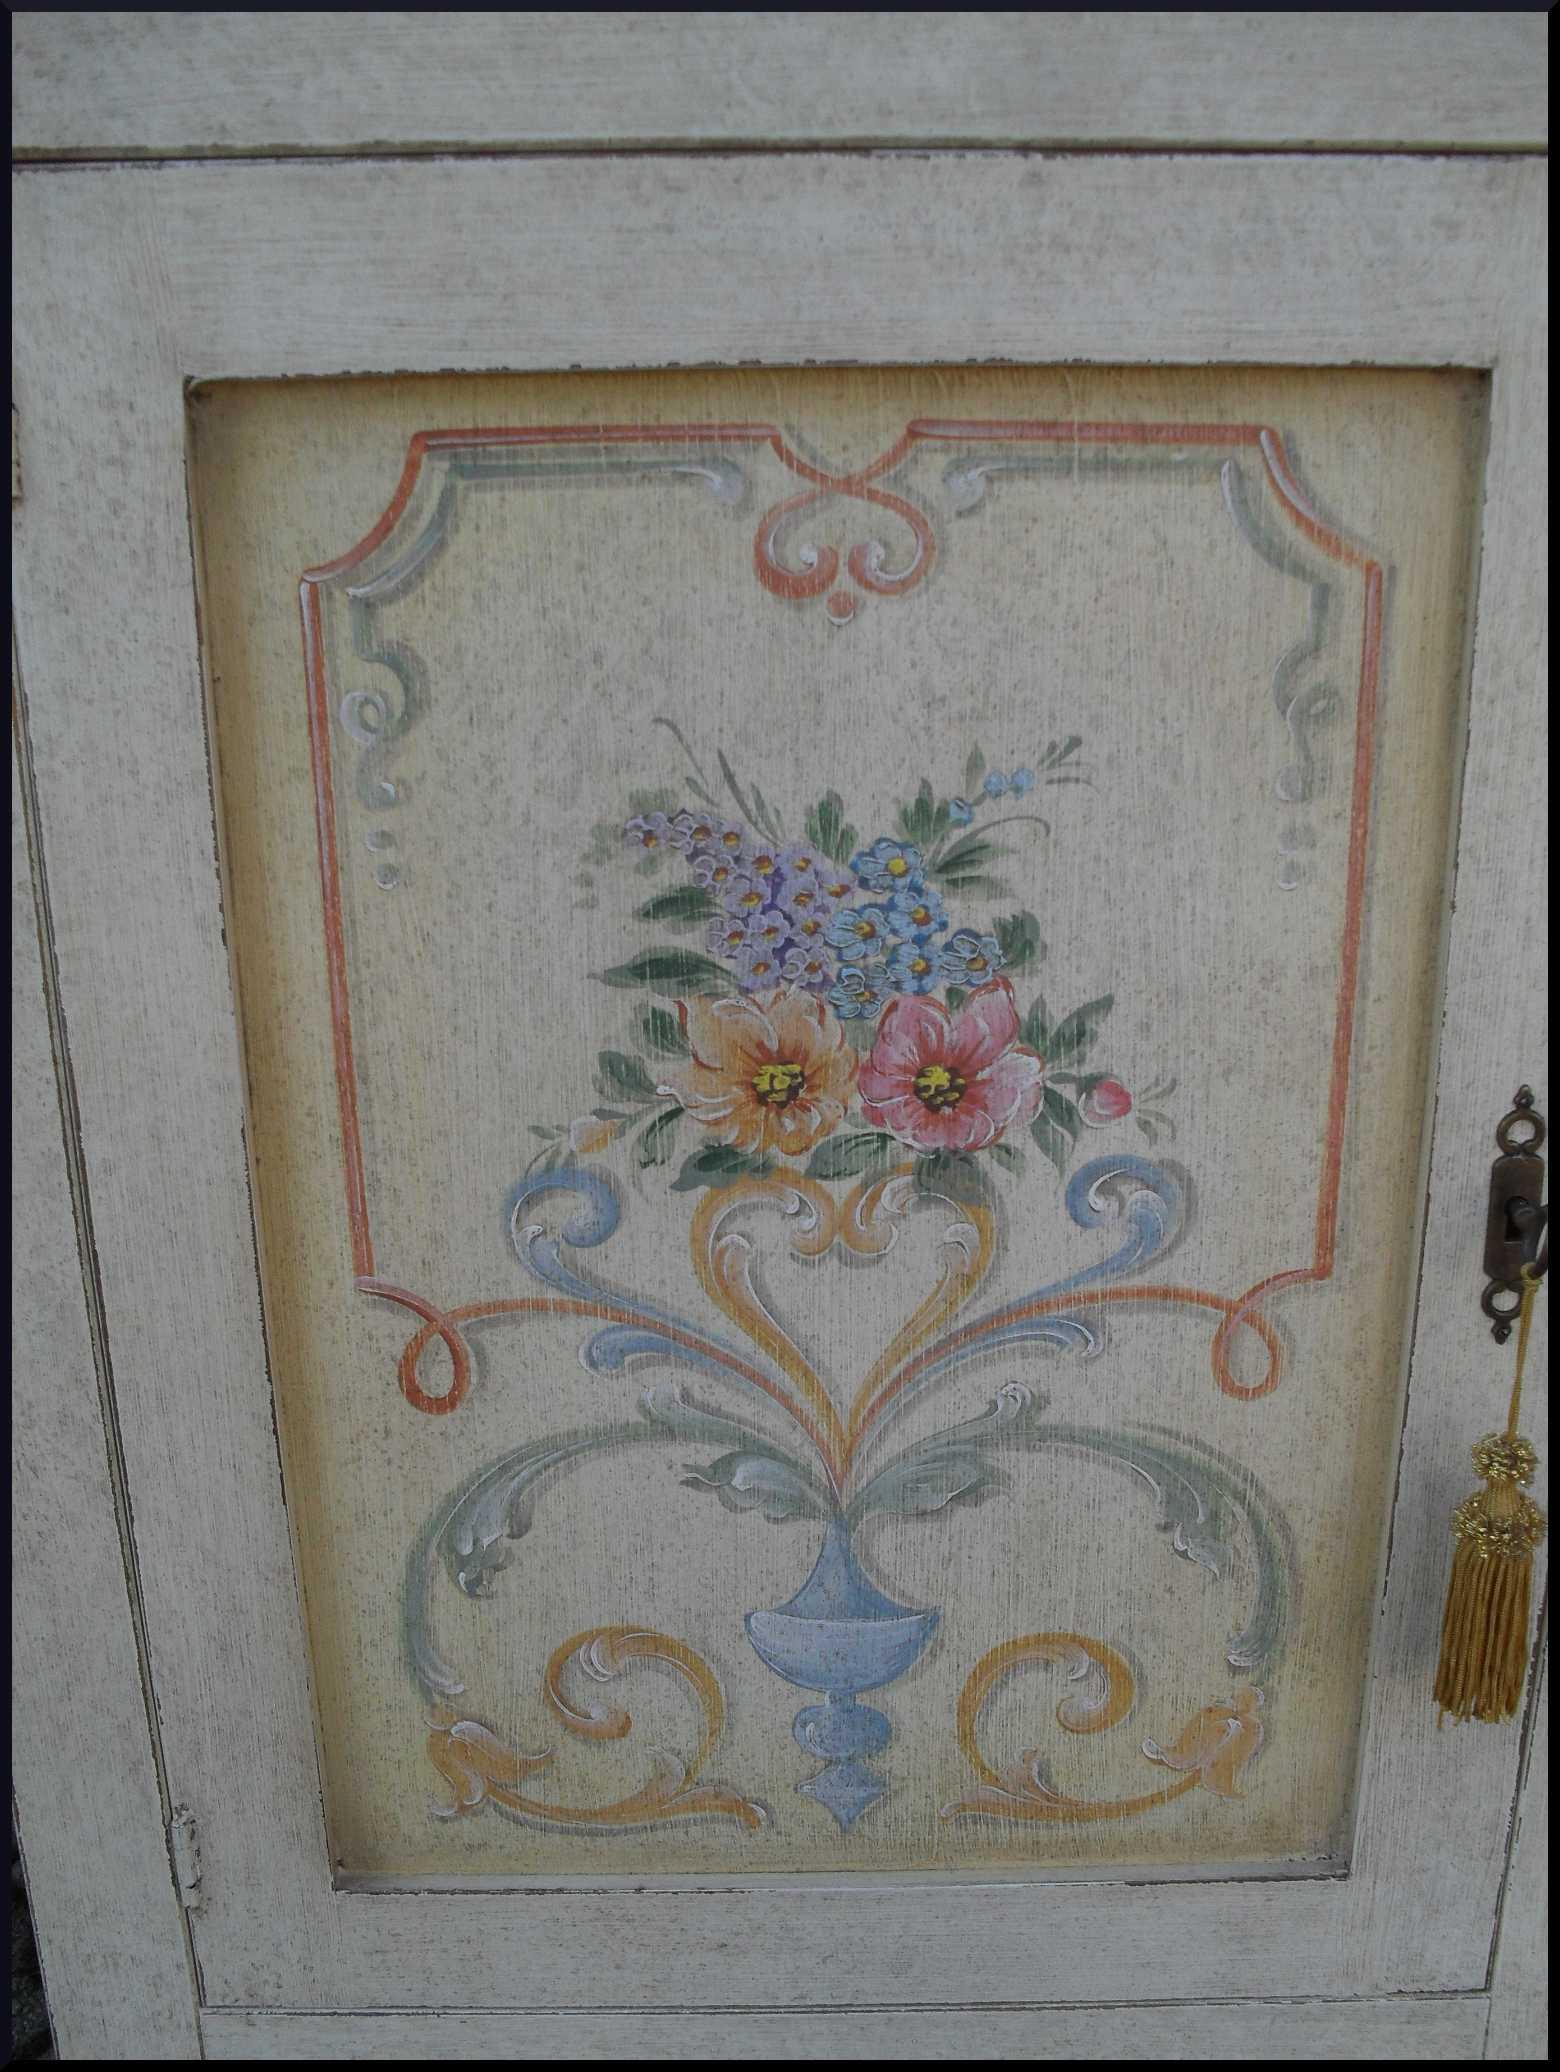 Mobili decorati:credenzina 2 porte greche e fiori